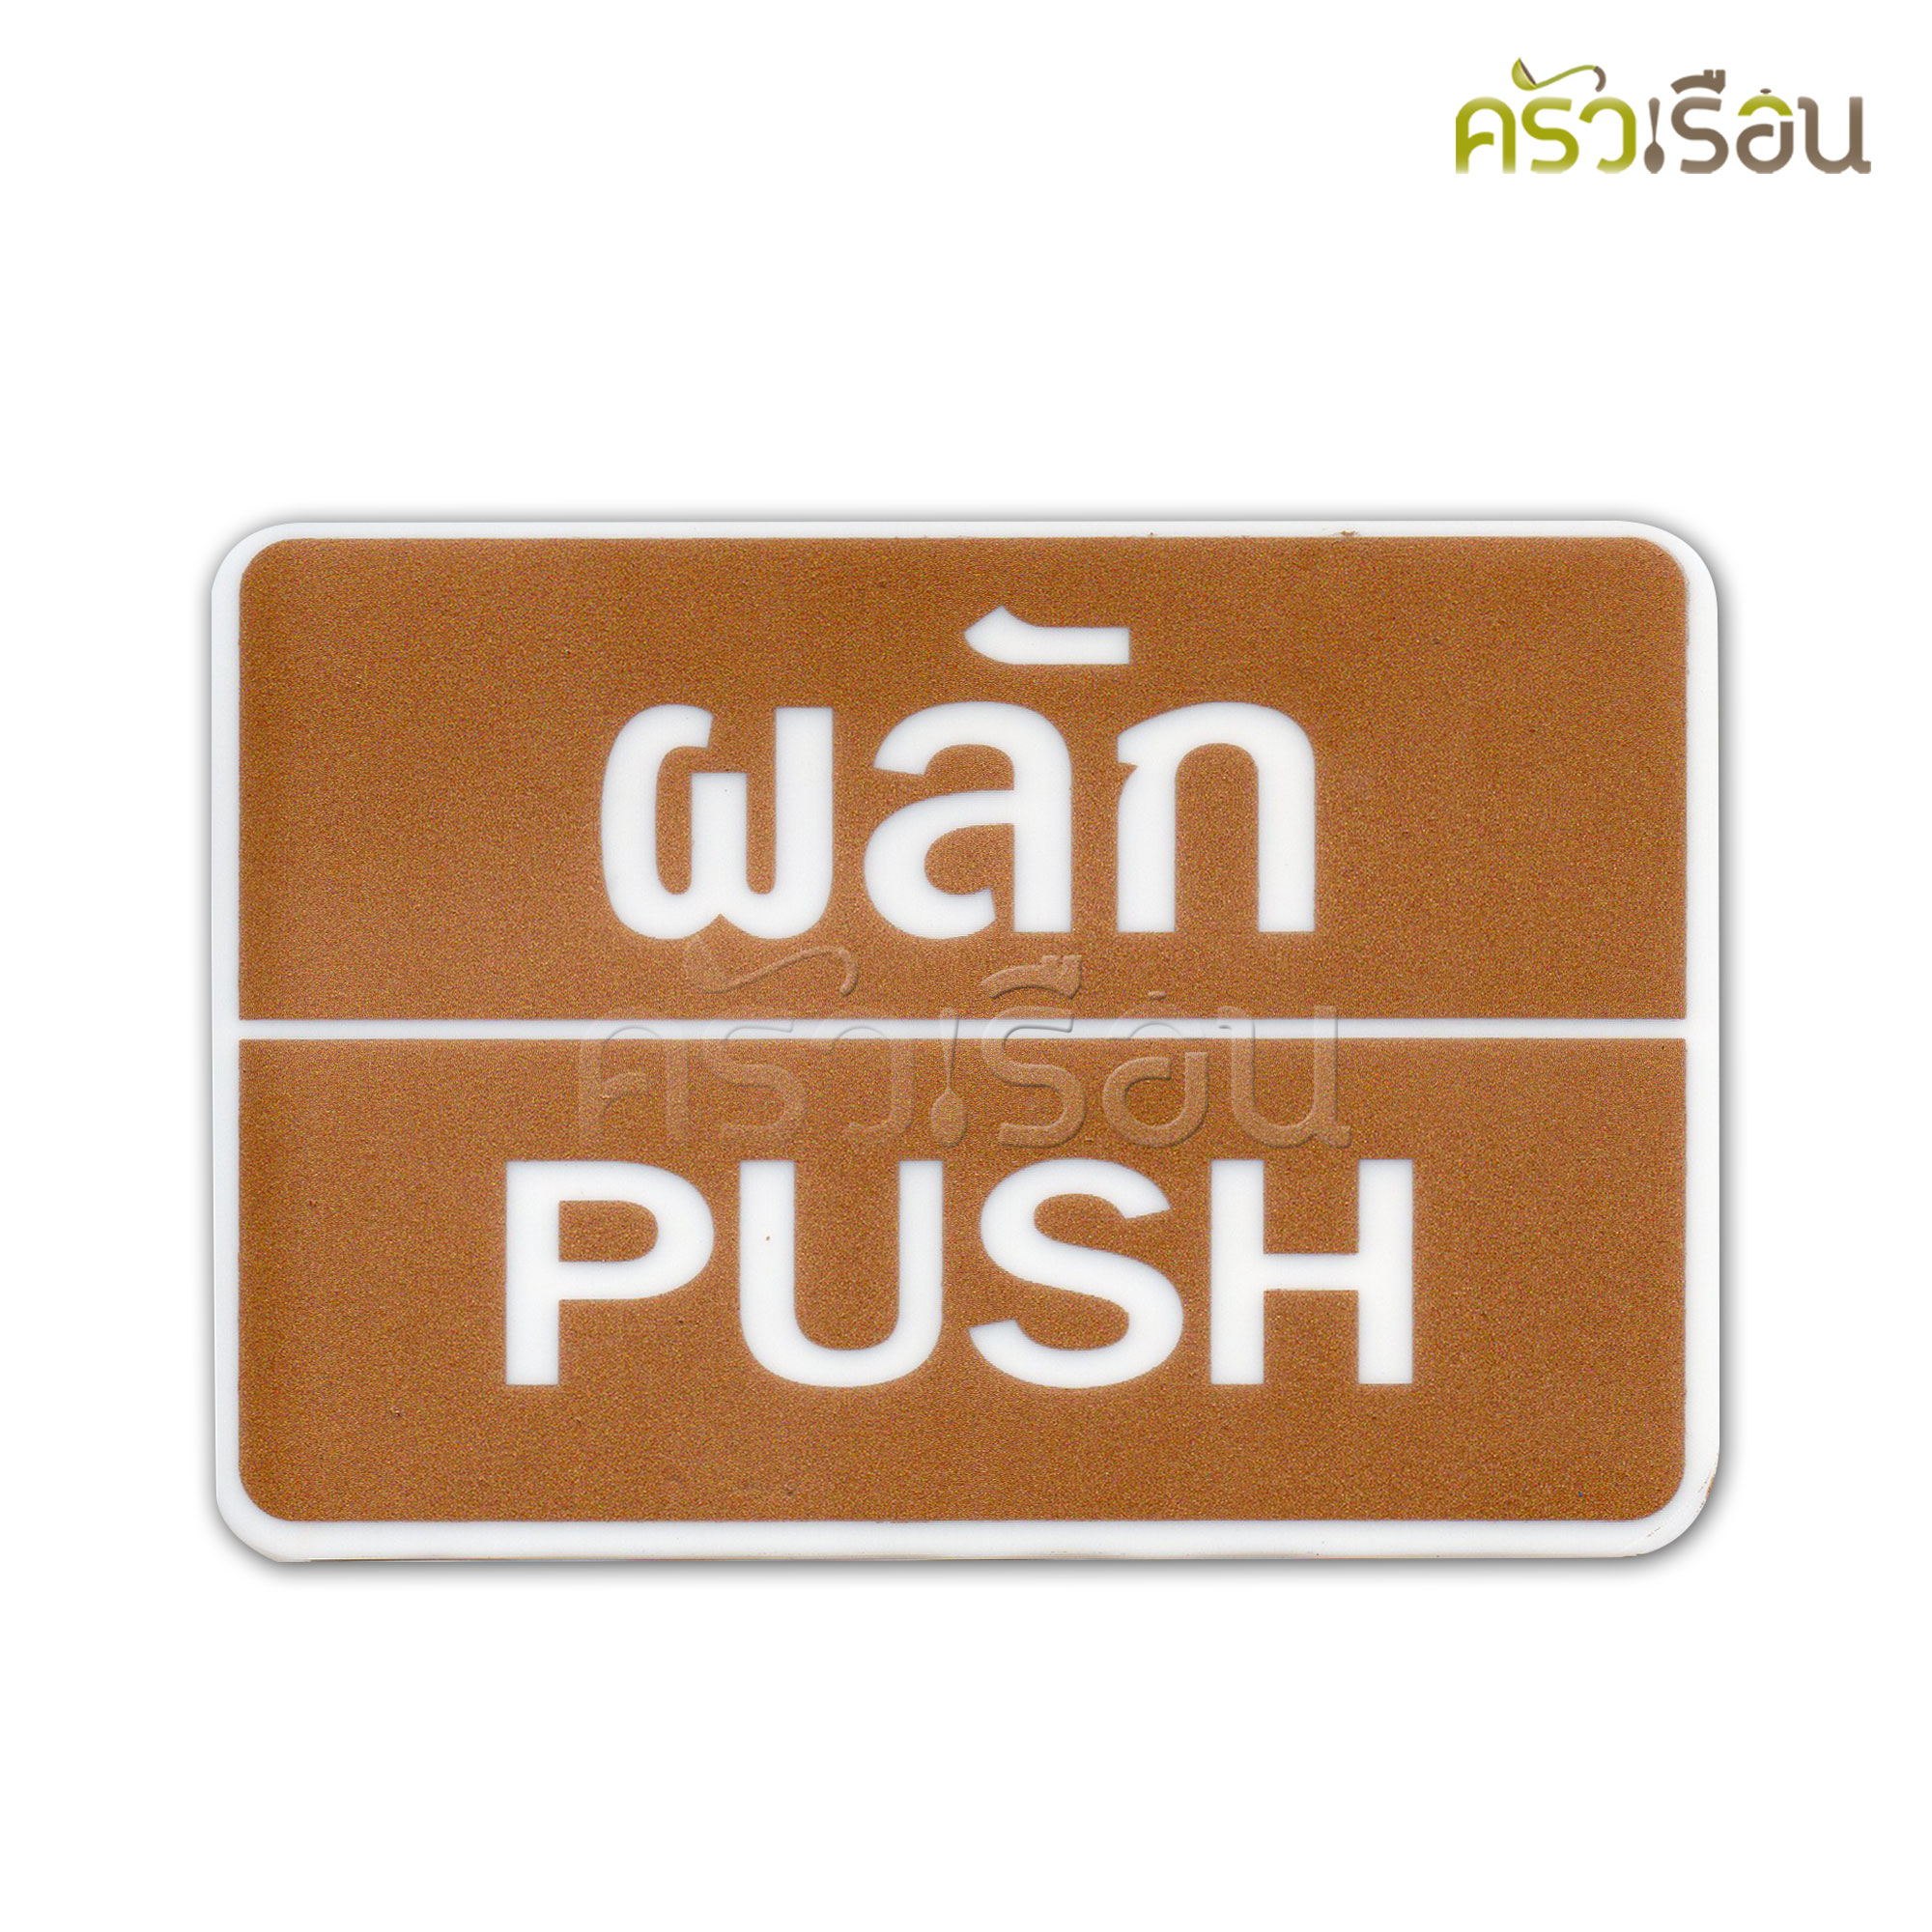 ป้าย - ผลัก / PUSH